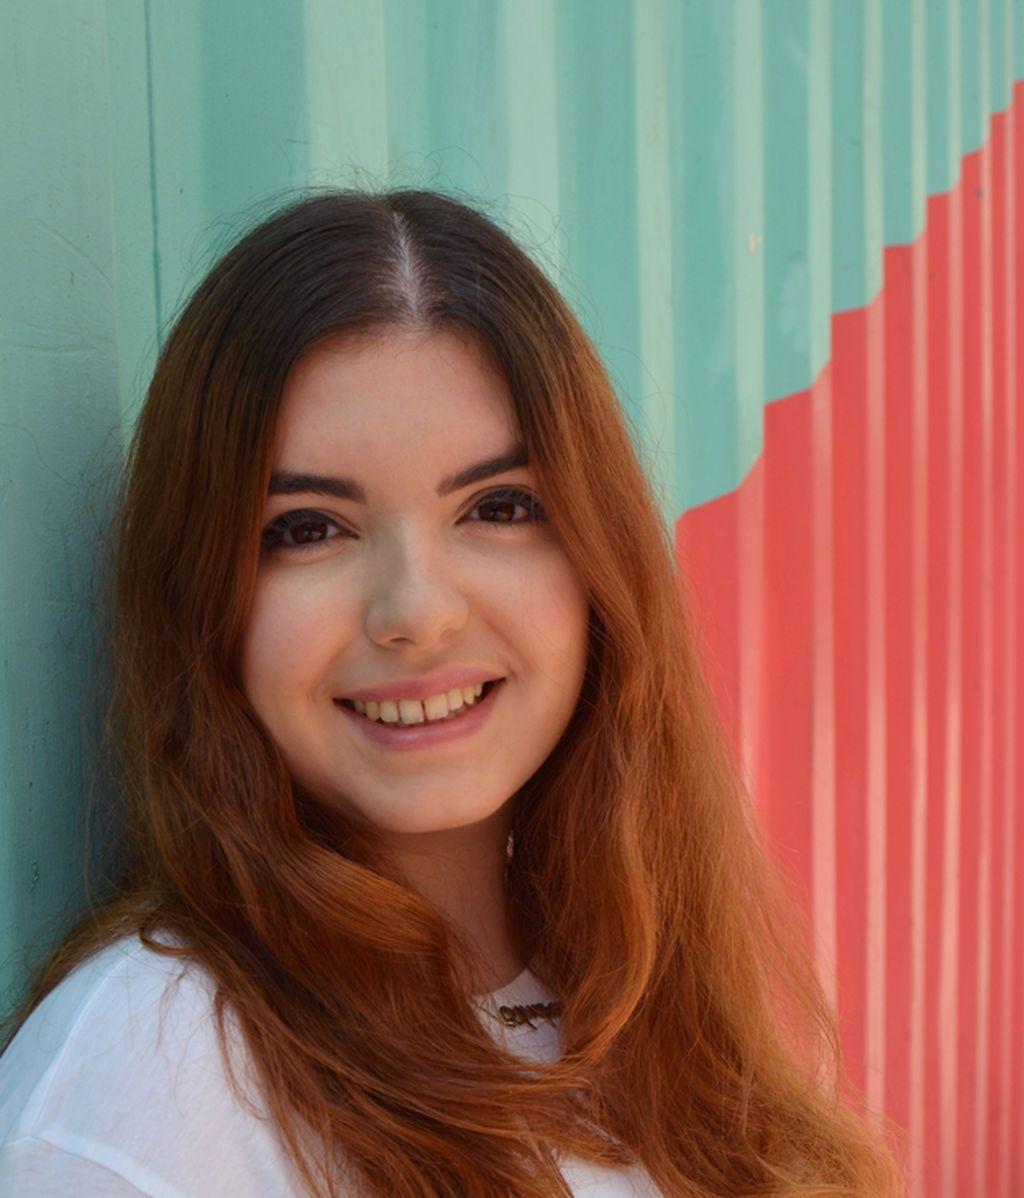 Jóvenes españoles menores de 26 que no conoces pero que lo petan fuerte en lo suyo